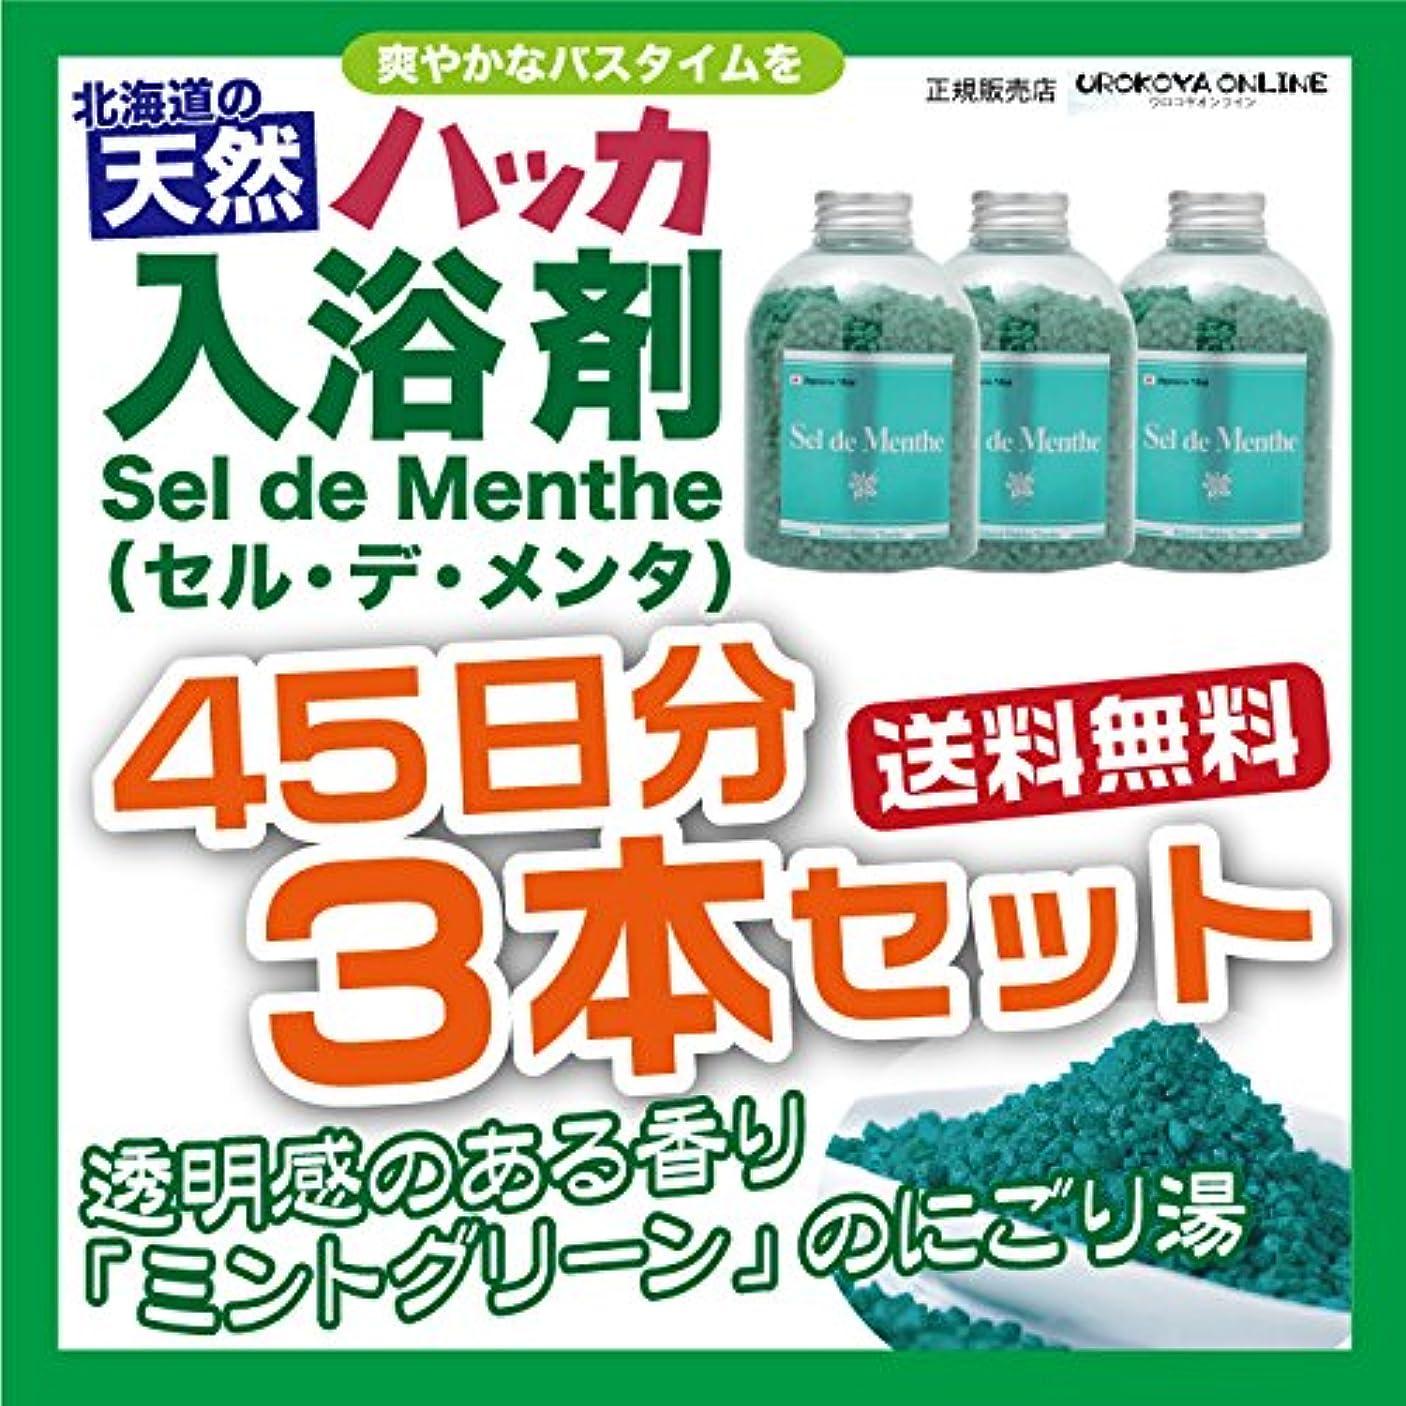 頼るアカウント備品【3本セット】北見ハッカ通商 入浴剤Sel de Menthe(セル?デ?メンタ)徳用ボトル 3本セット 1350g